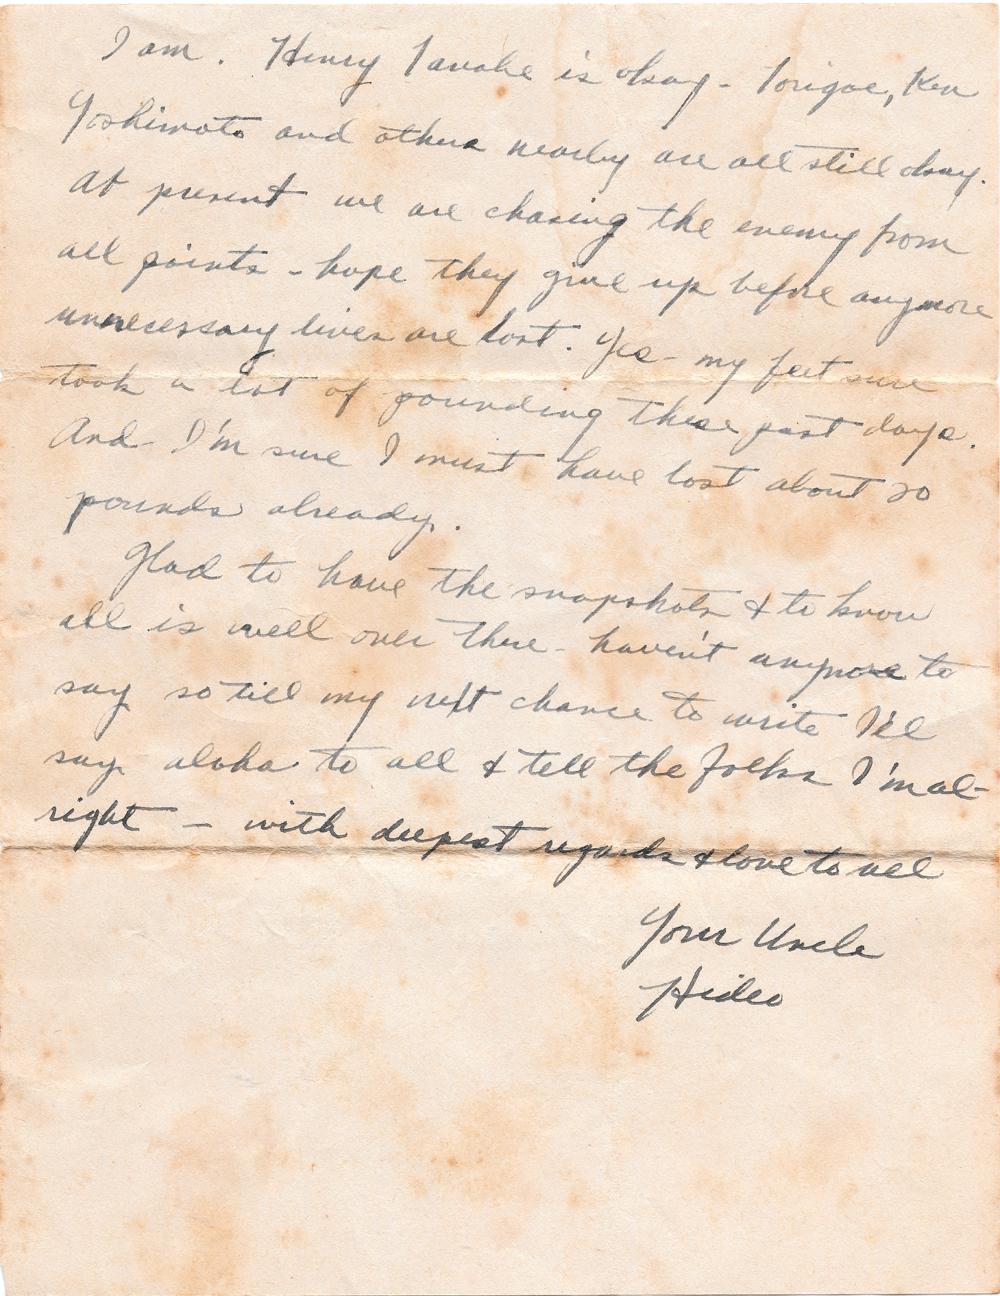 June 6 1944, P2